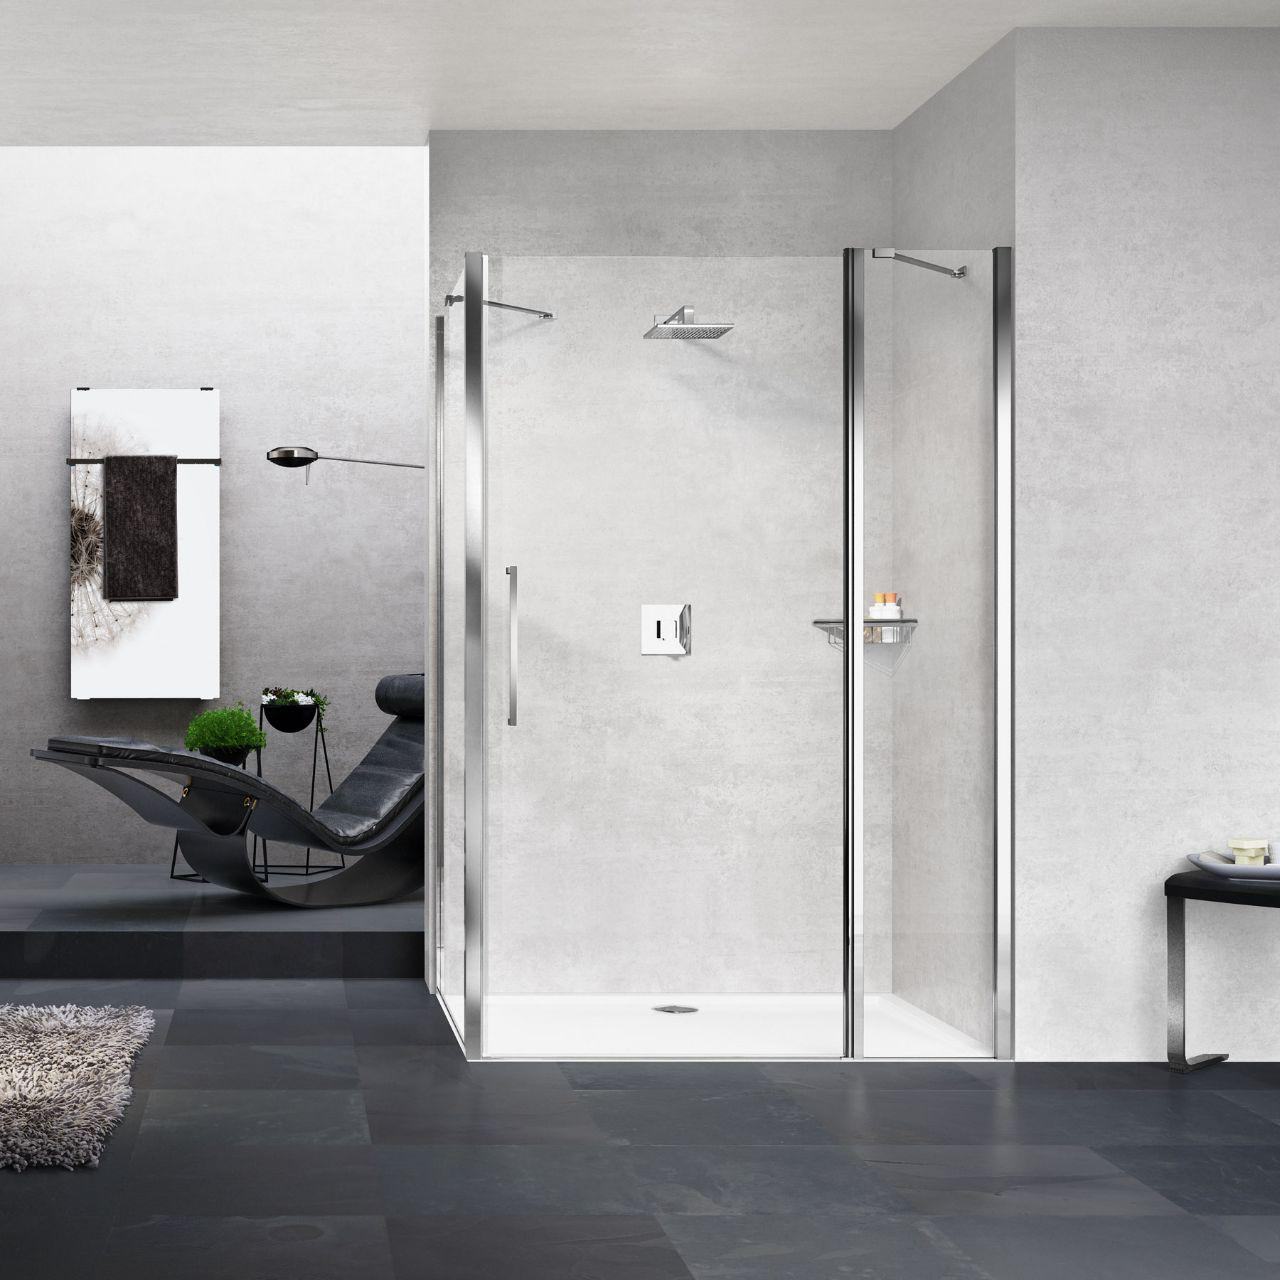 parois de douche young 2 0 2p f novellini. Black Bedroom Furniture Sets. Home Design Ideas